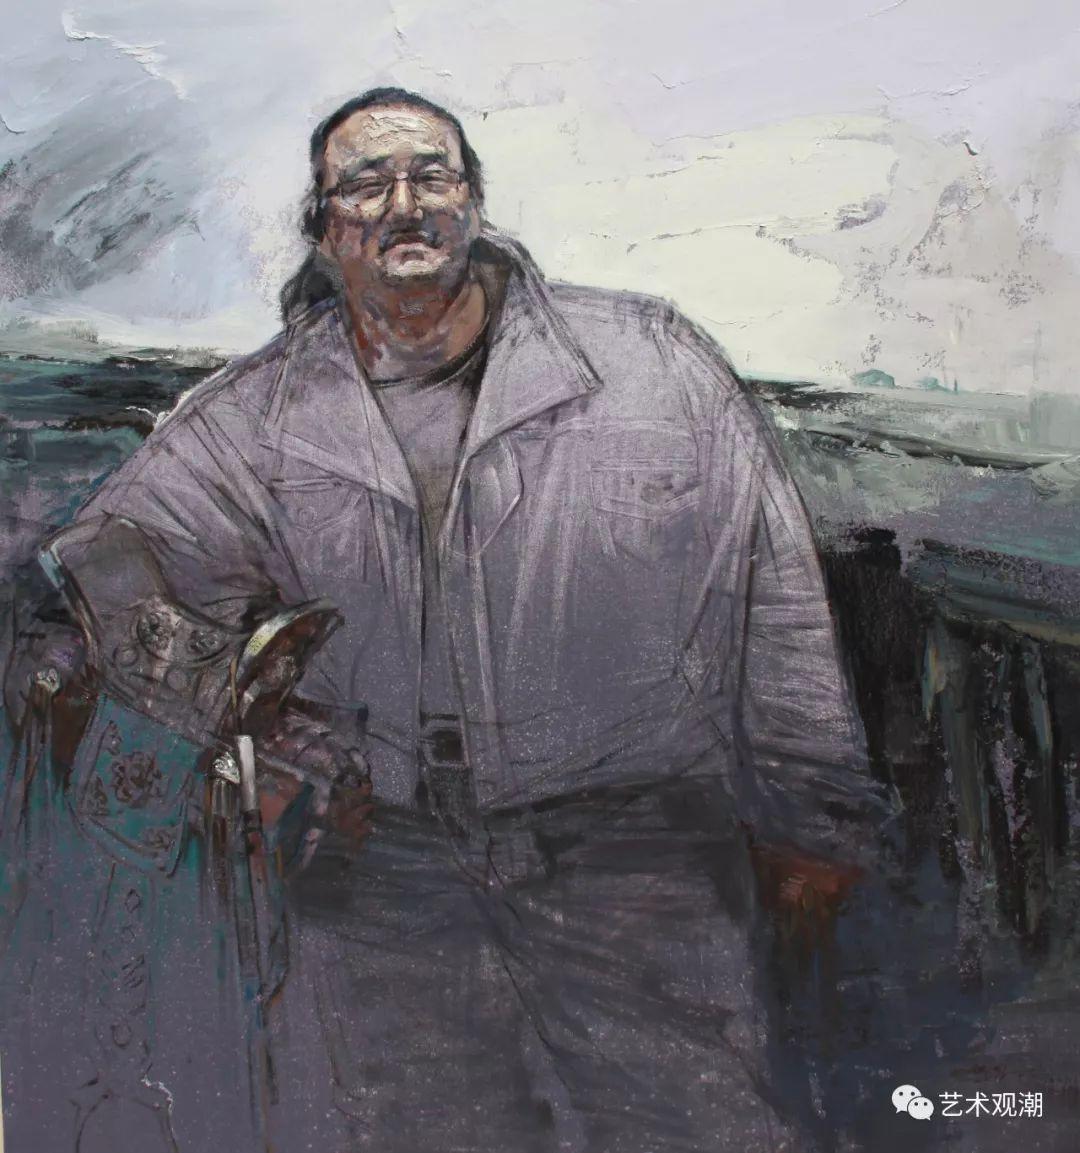 草原情怀——蒙古族青年画家包胡其图 第20张 草原情怀——蒙古族青年画家包胡其图 蒙古画廊